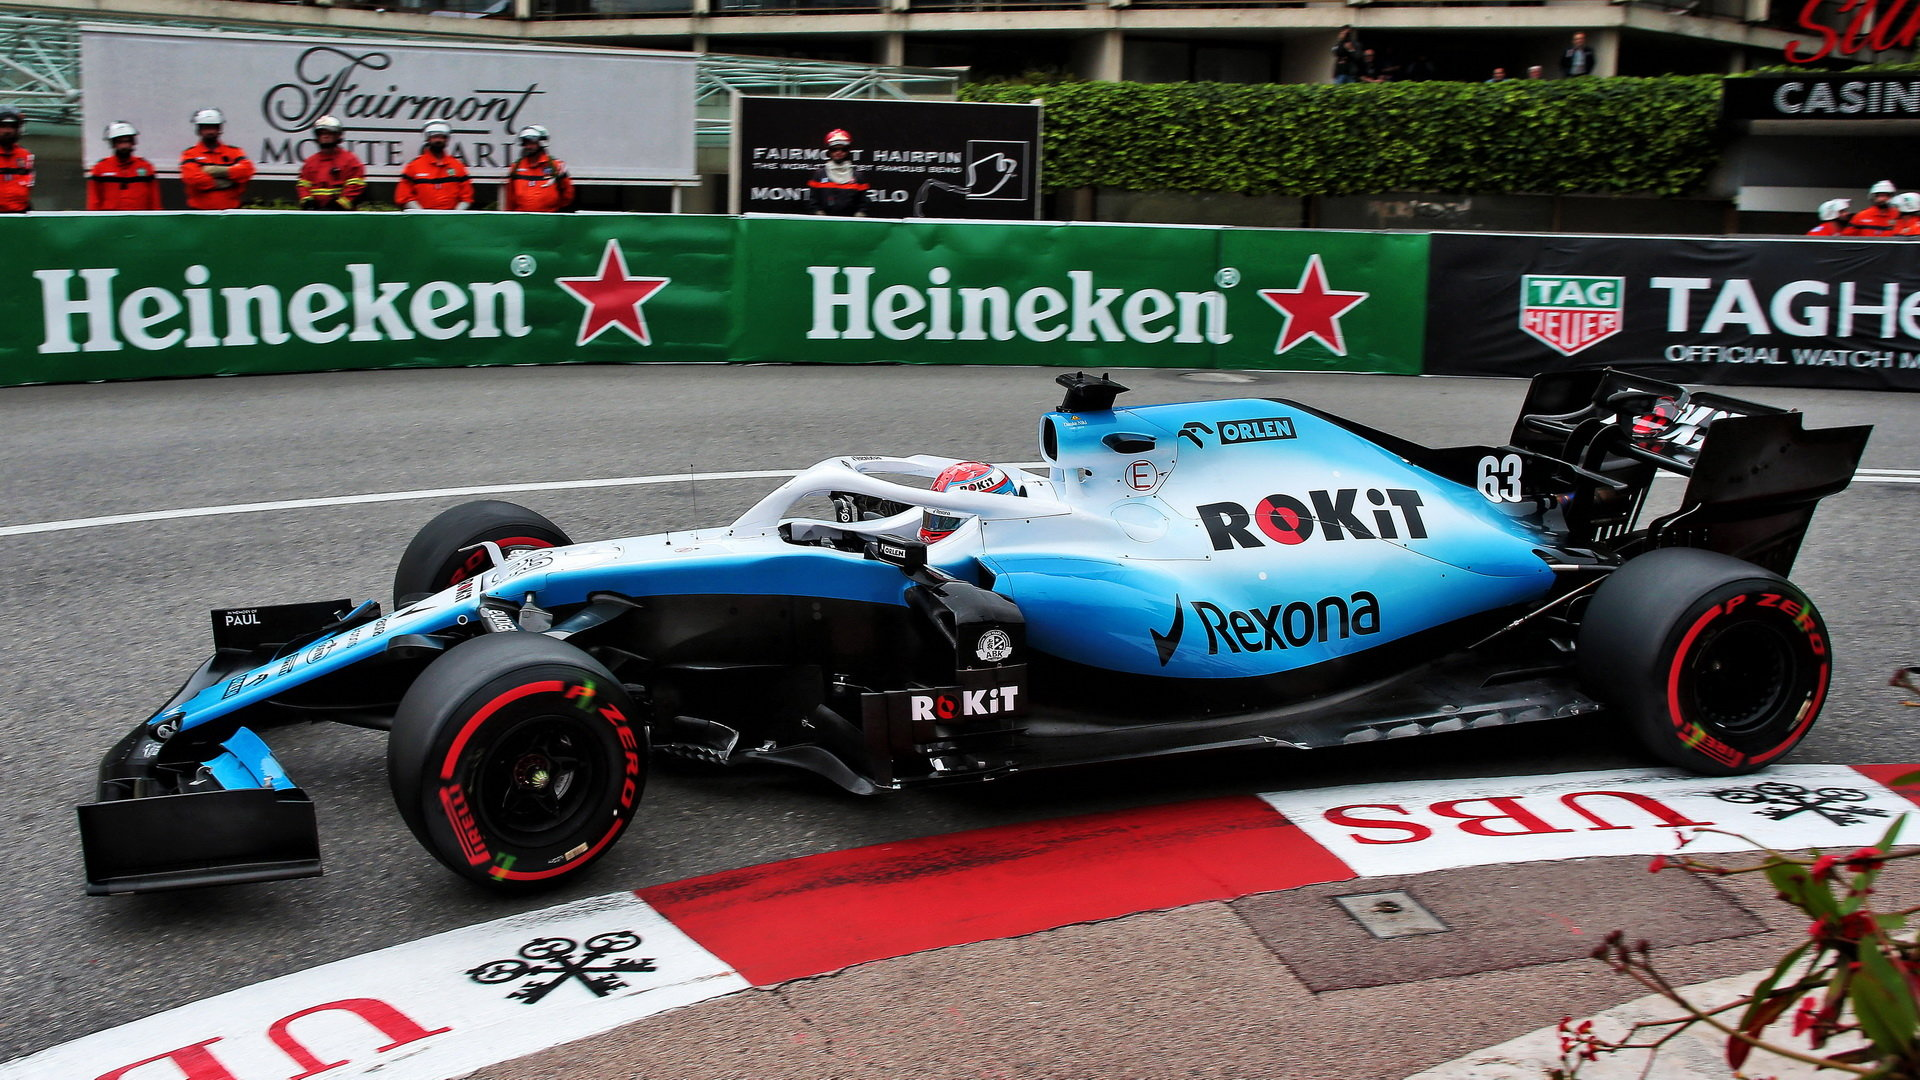 Williams bude pokračovat se svým současným titulárním sponzorem